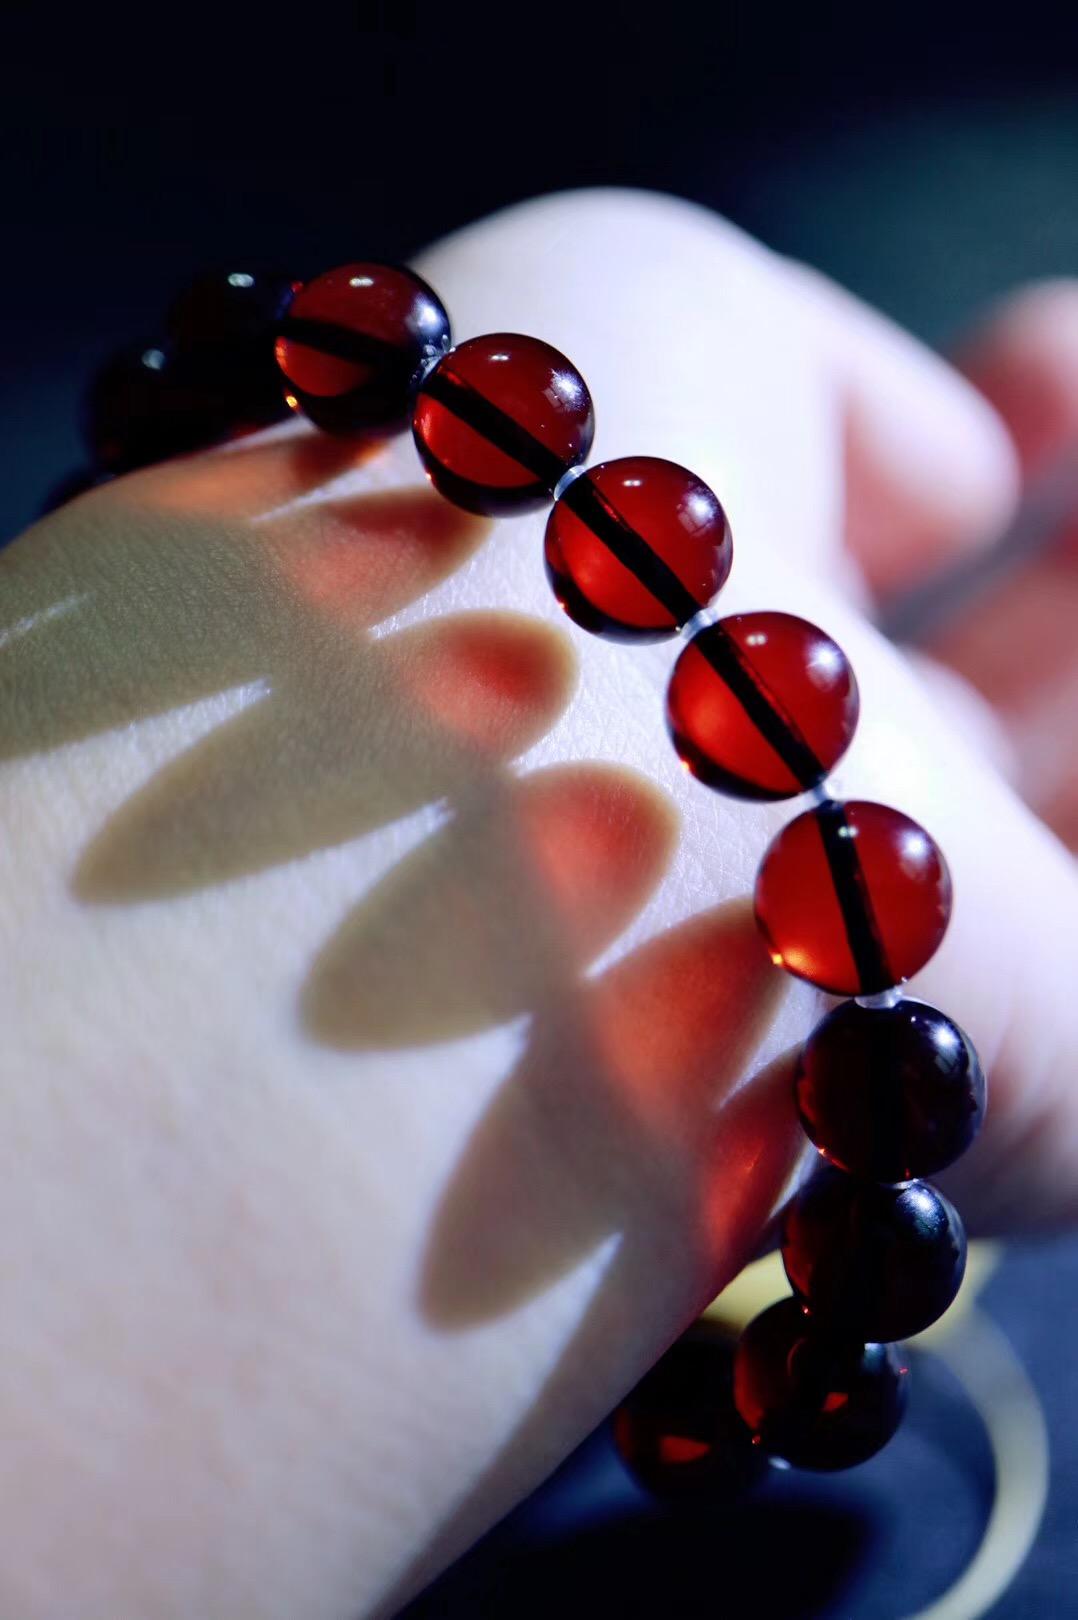 【血珀】对人体血液循环有着极好的疗效-菩心晶舍